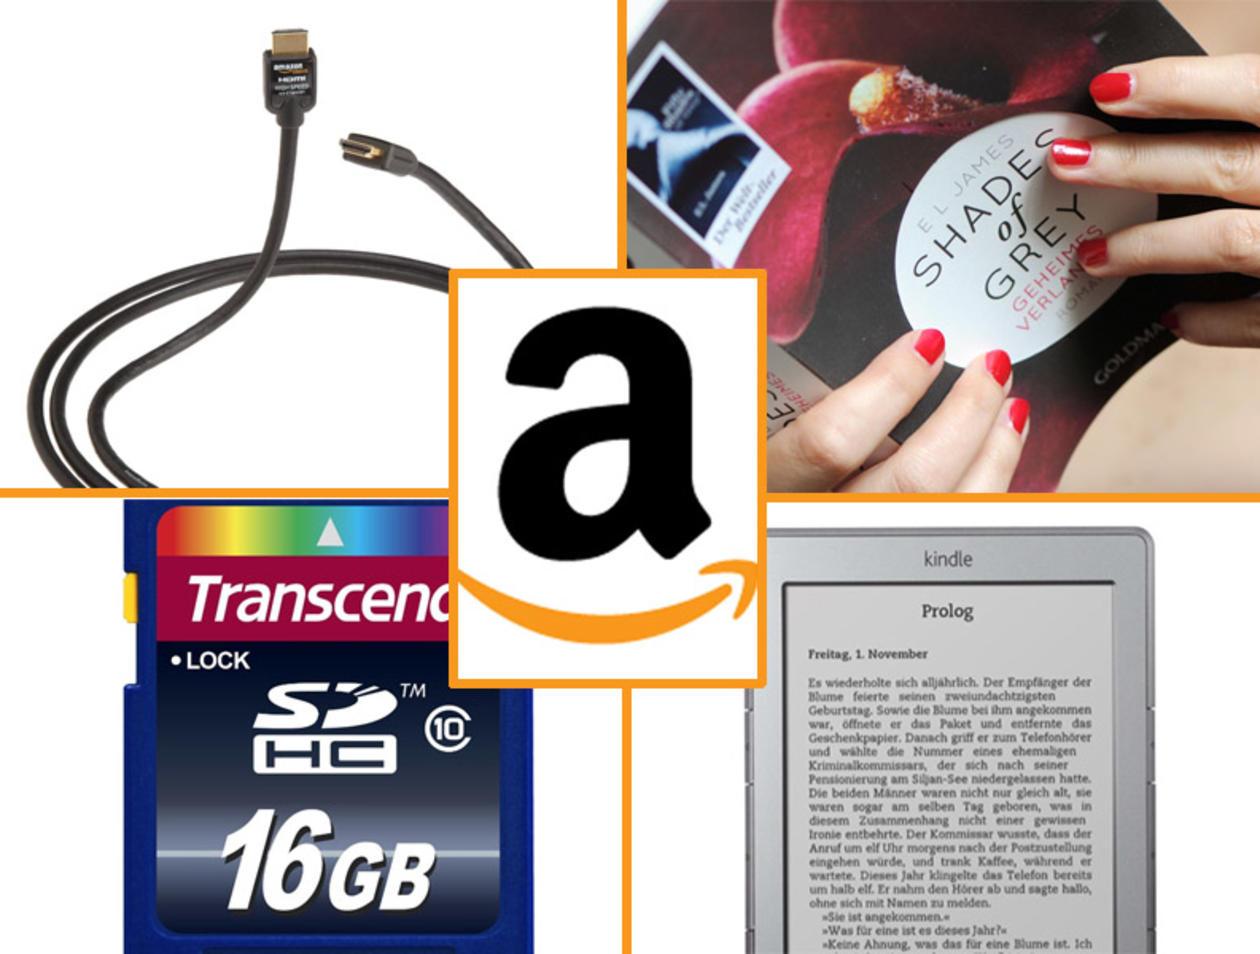 Amazon: BGB, Kindle, HDMI Kabel das sind die Topseller